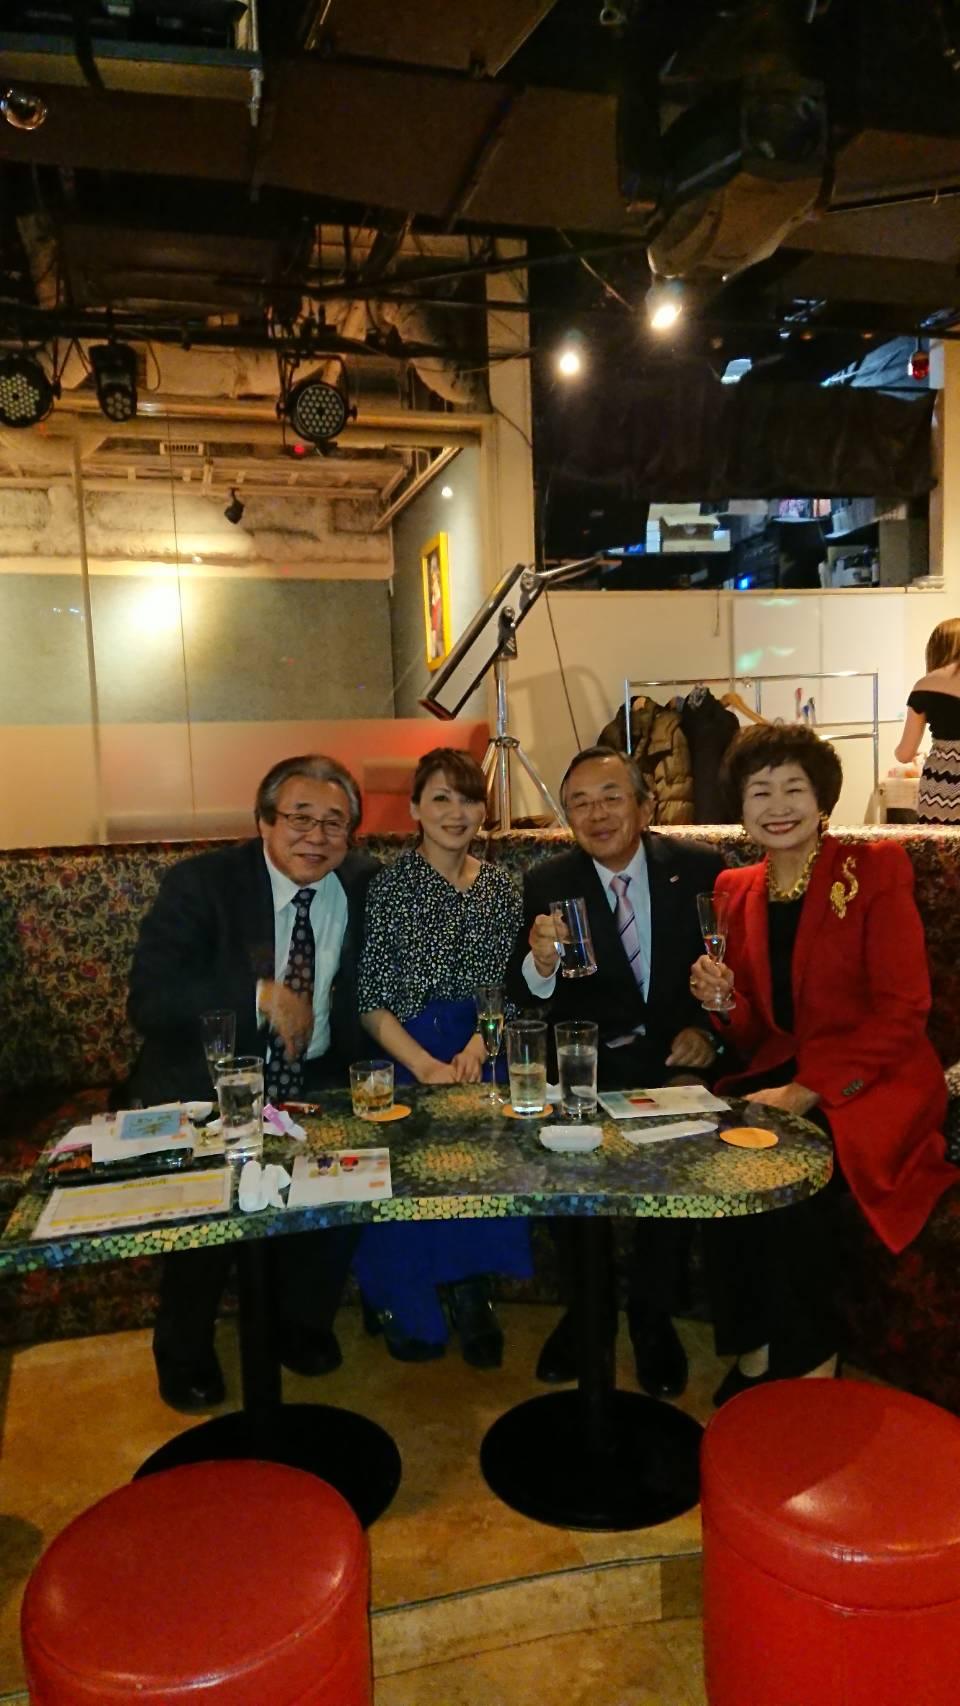 星澤先生の誕生パーティーに出席しました。